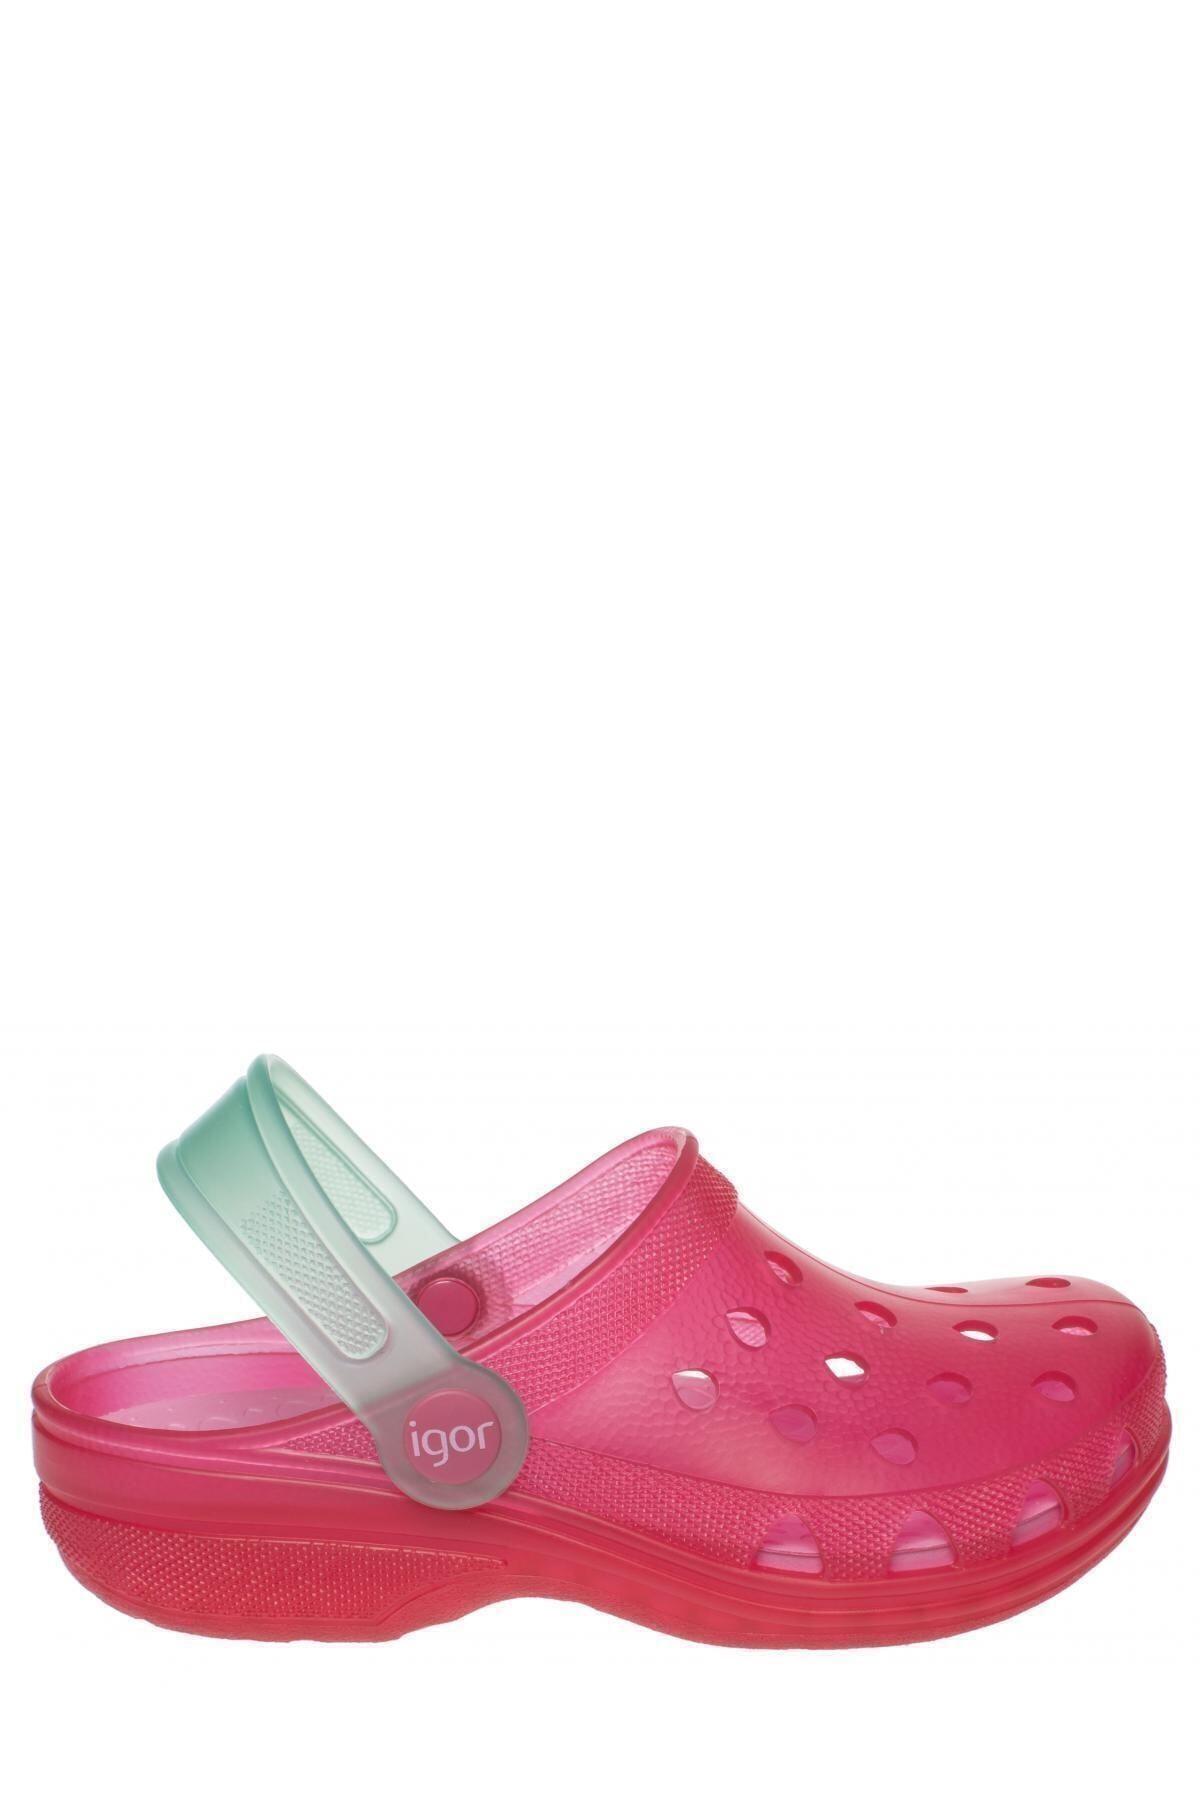 IGOR S10116 -Ö14 Fuşya Kız Çocuk Sandalet 100293819 2